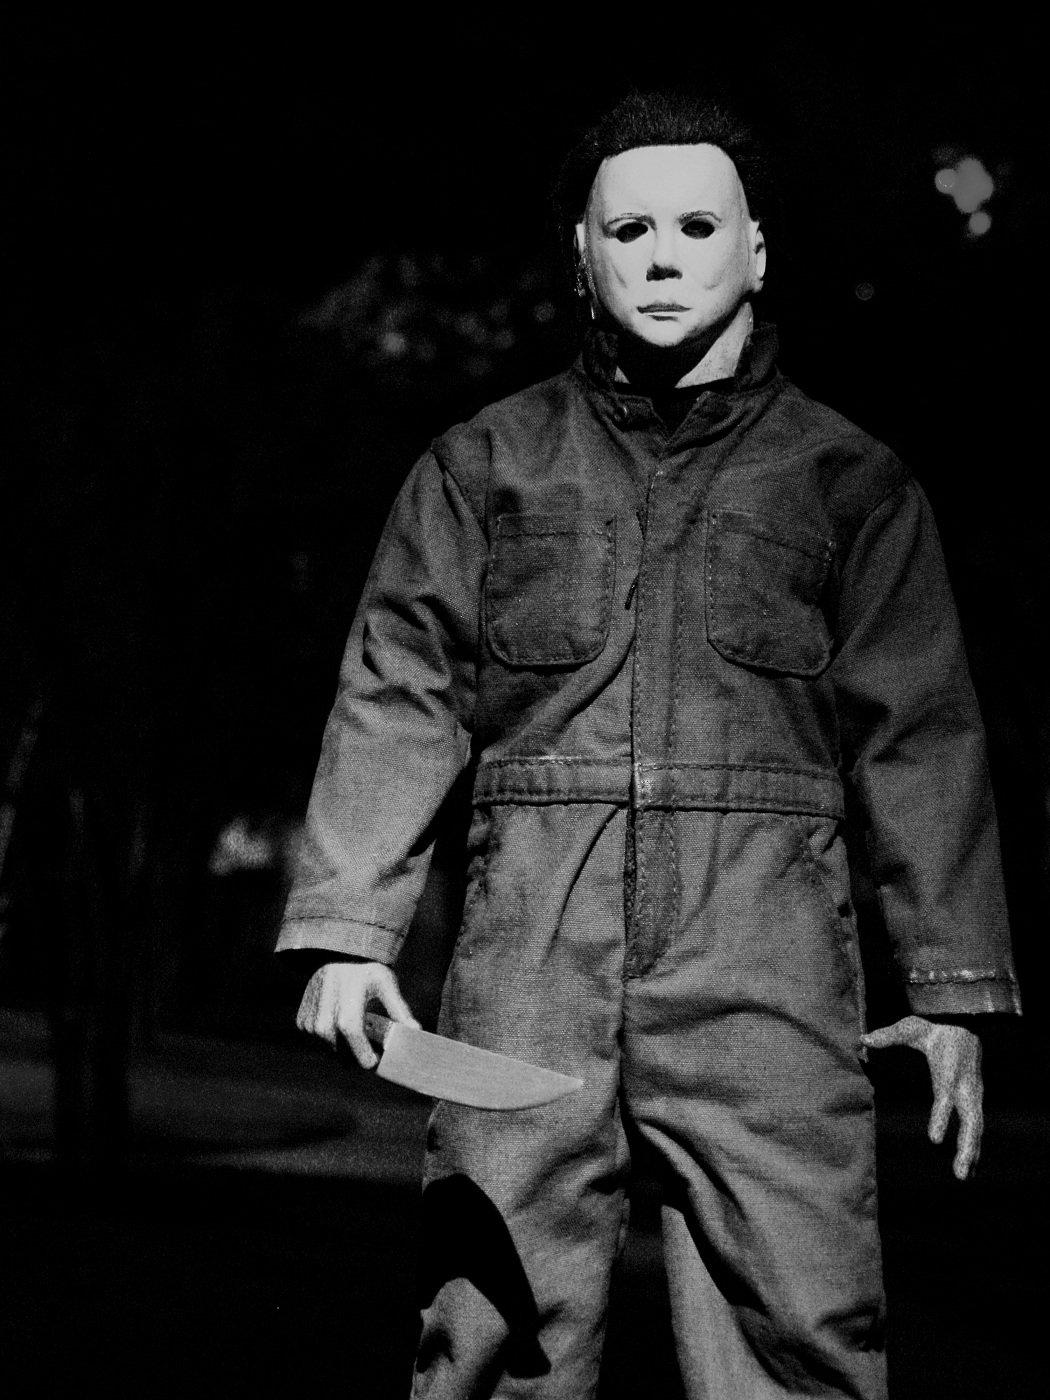 004-halloween-theredlist